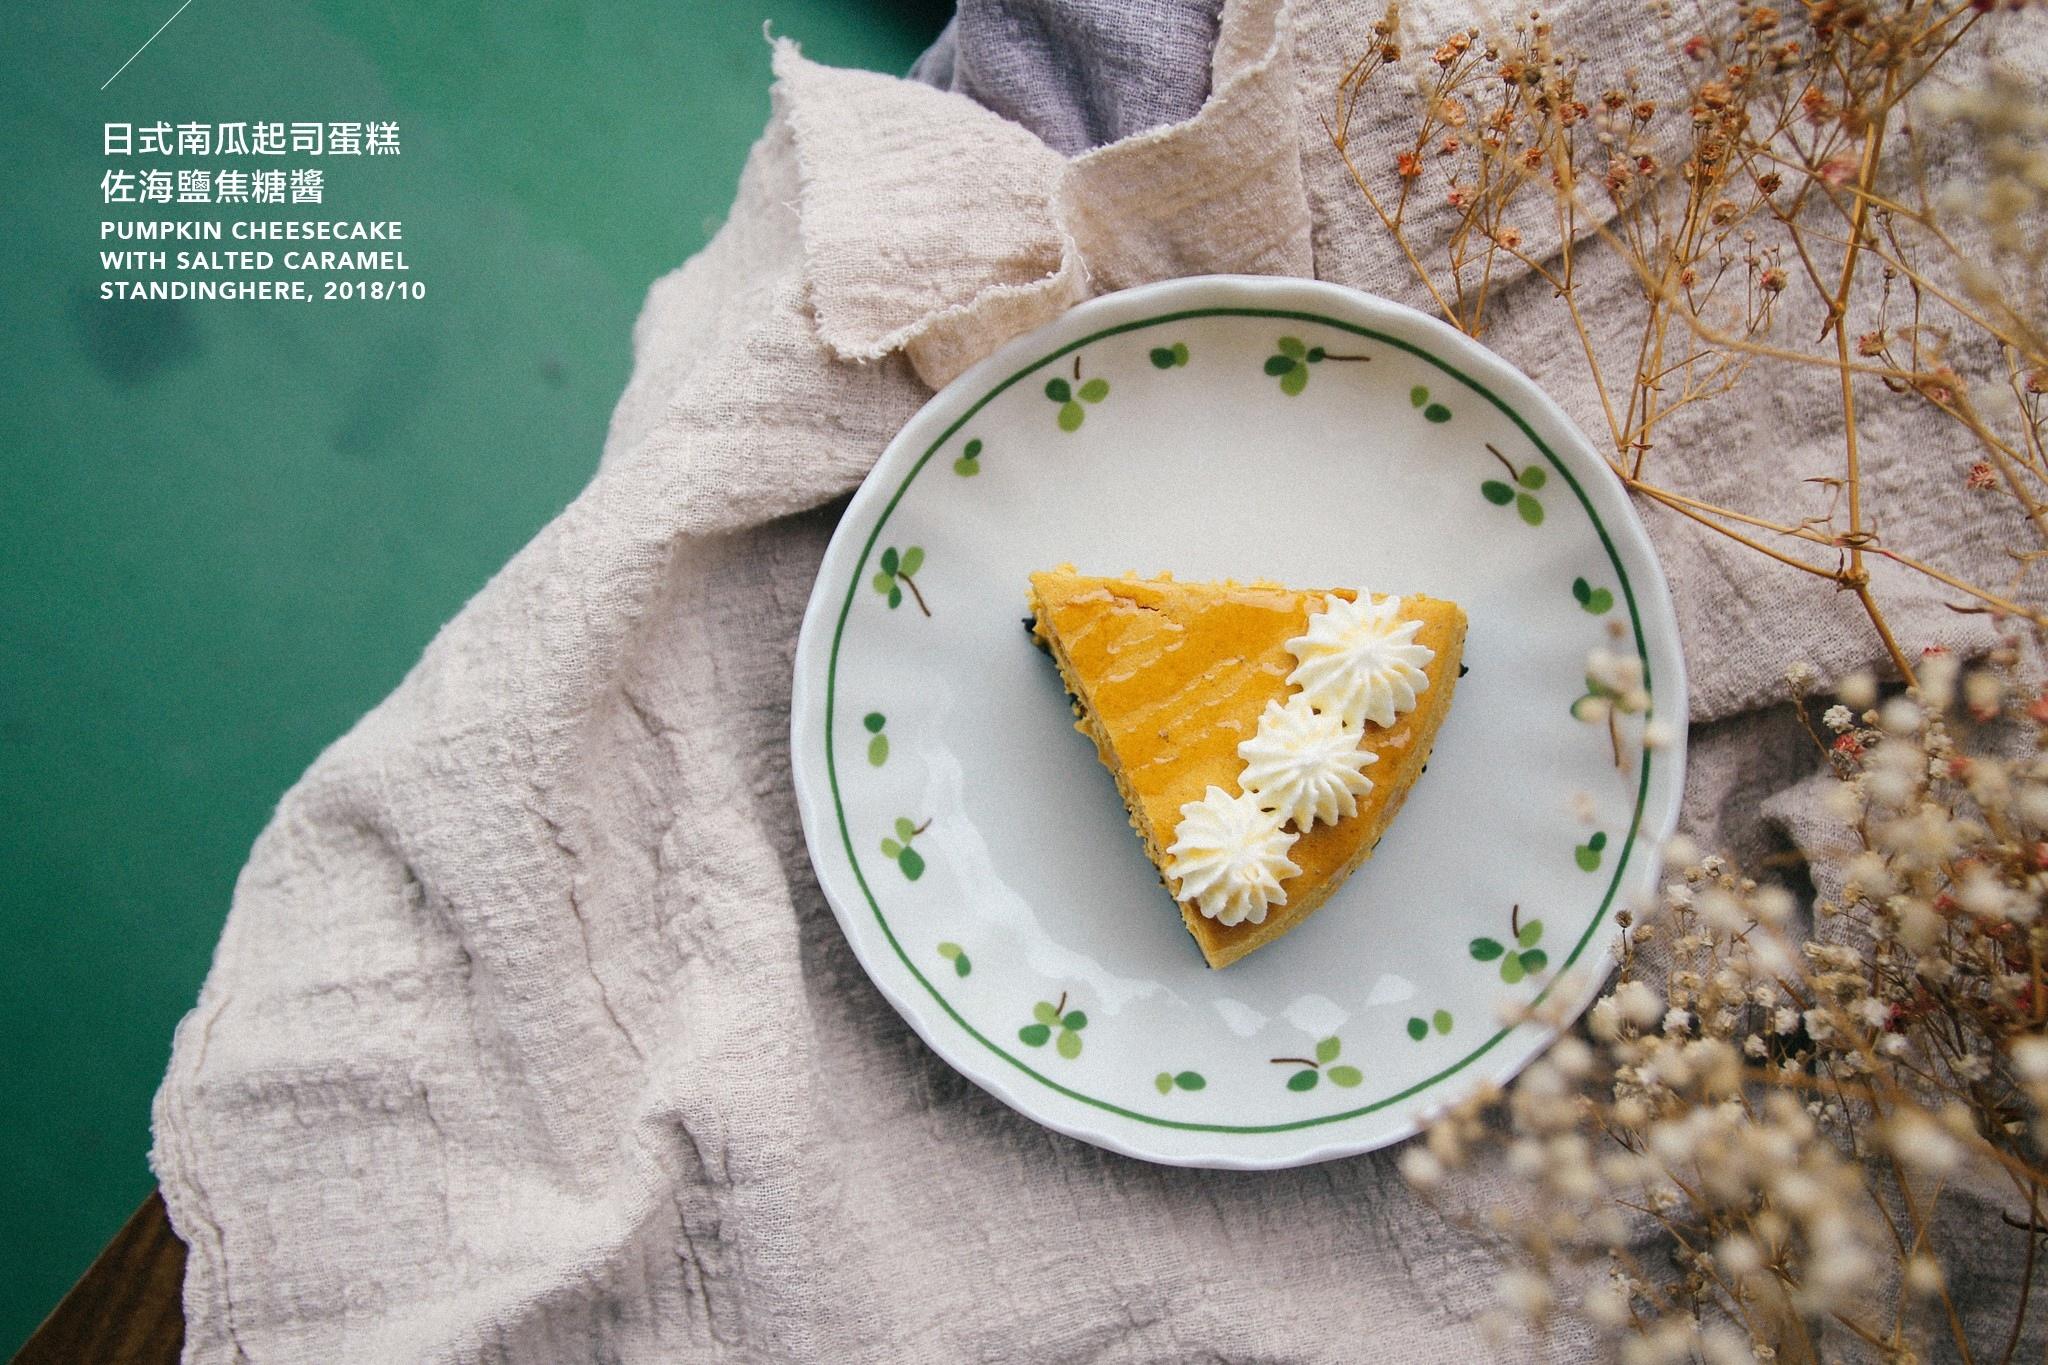 7號驛站X在這手作甜點-南瓜乳酪蛋糕.jpg